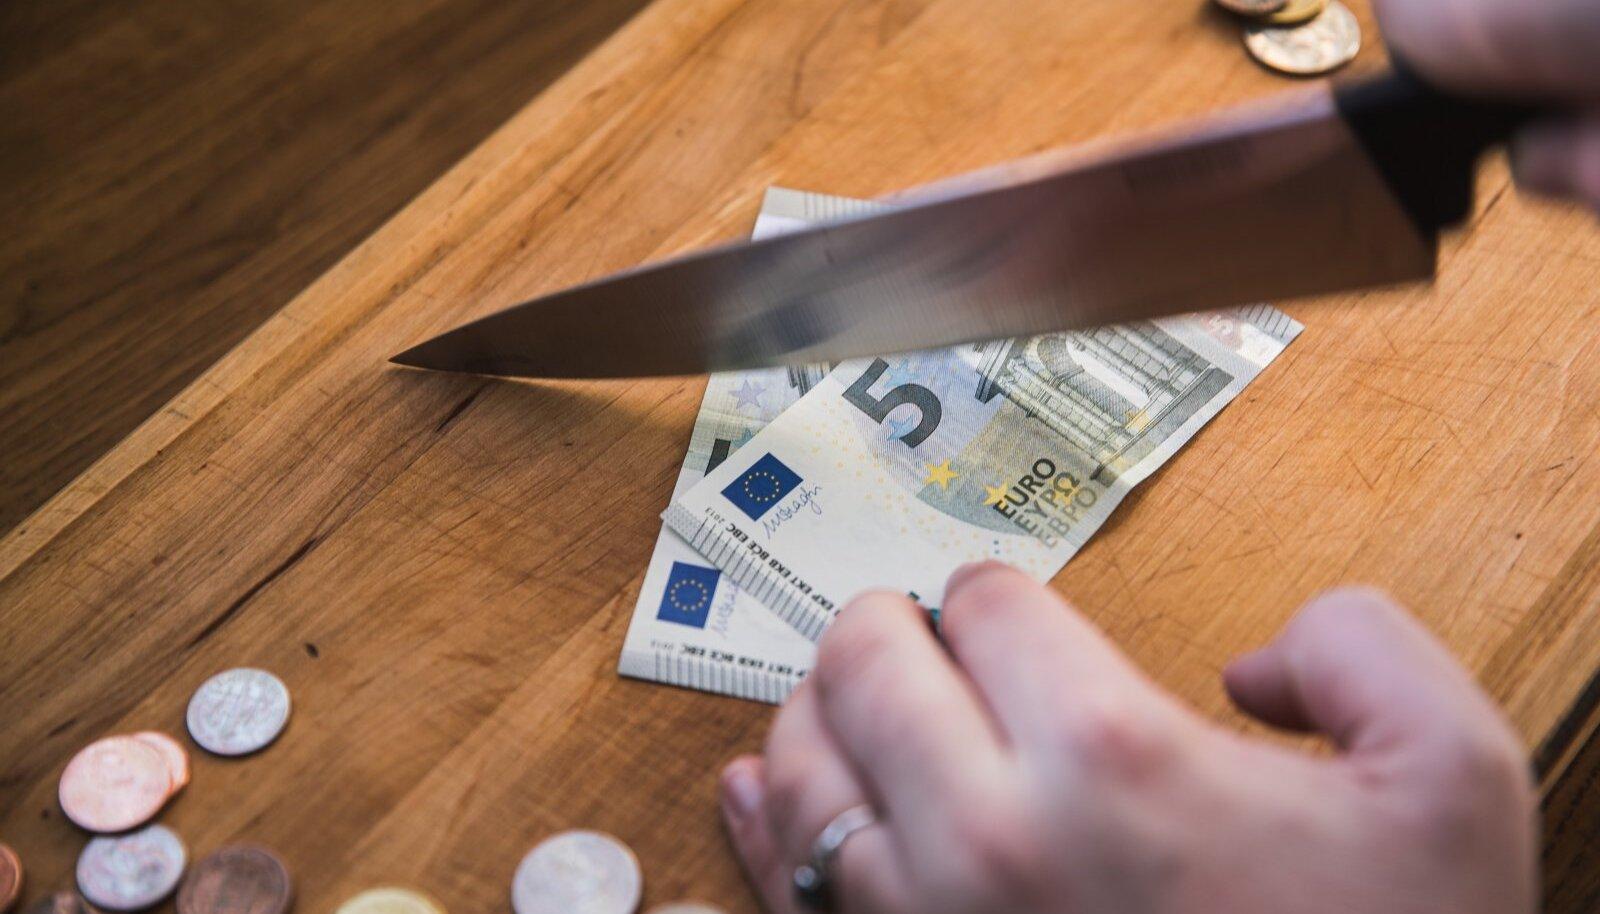 Palgakärped ja koondamised on mõju avaldanud ka tööjõumaksude laekumisele.